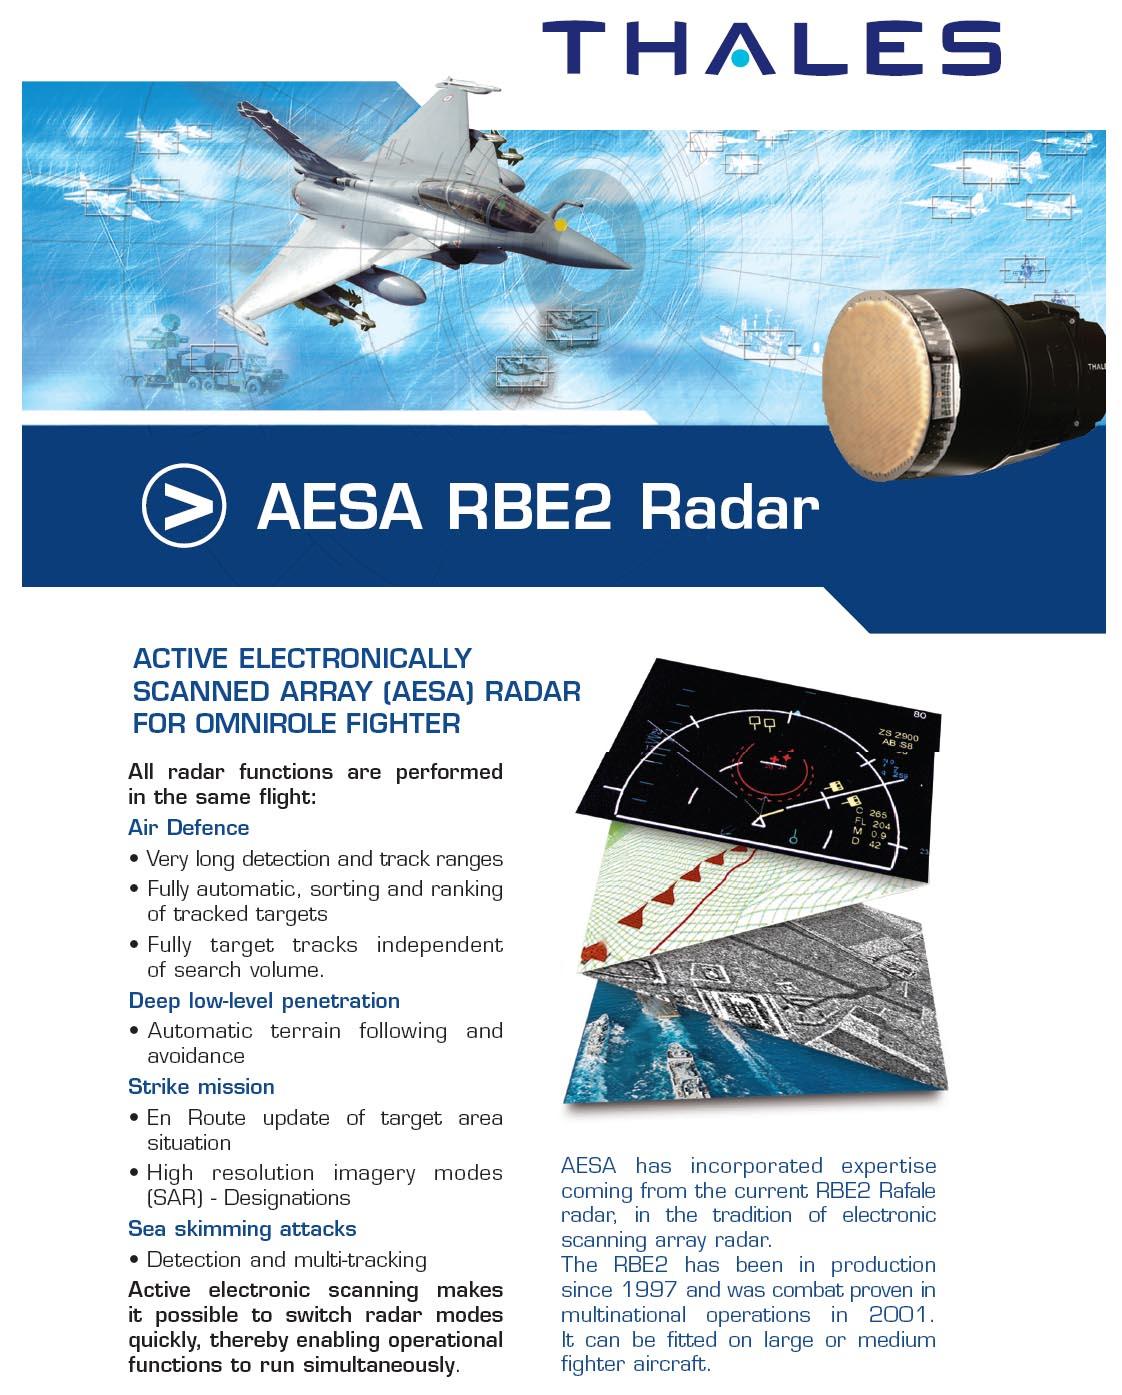 الطائره رافال..... اجمل طائره مقاتله!! Aesa1-779263